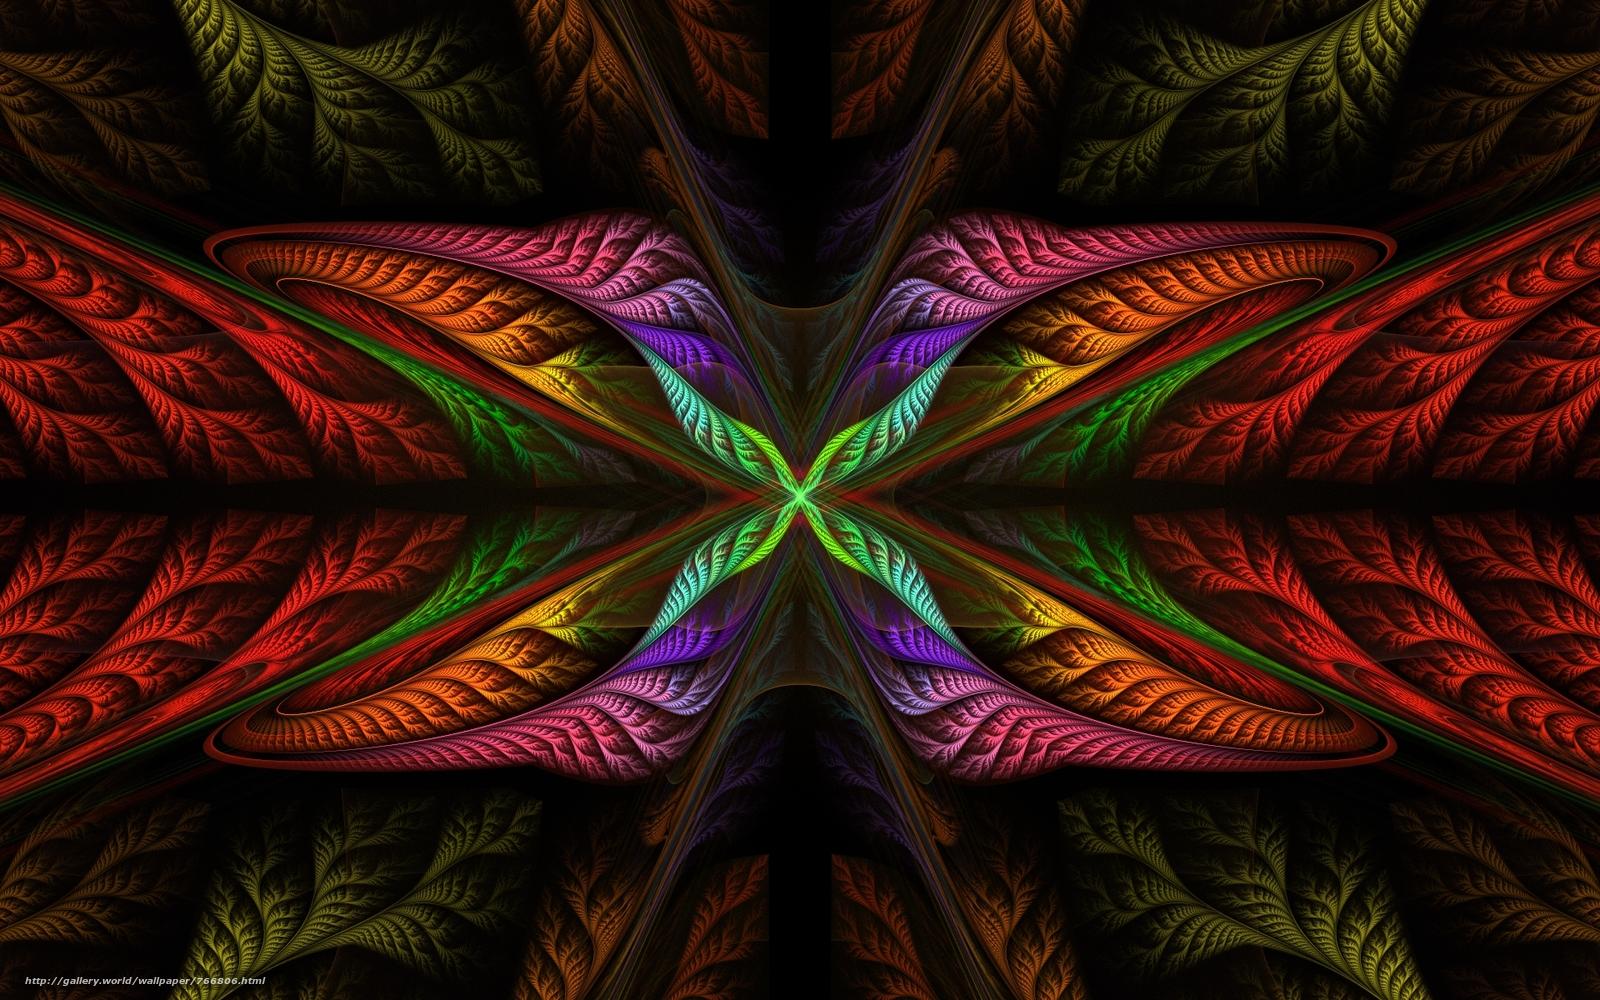 абстракция, цветной фон, разноцветный фон, текстура, фрактал, Изобразительное искусство